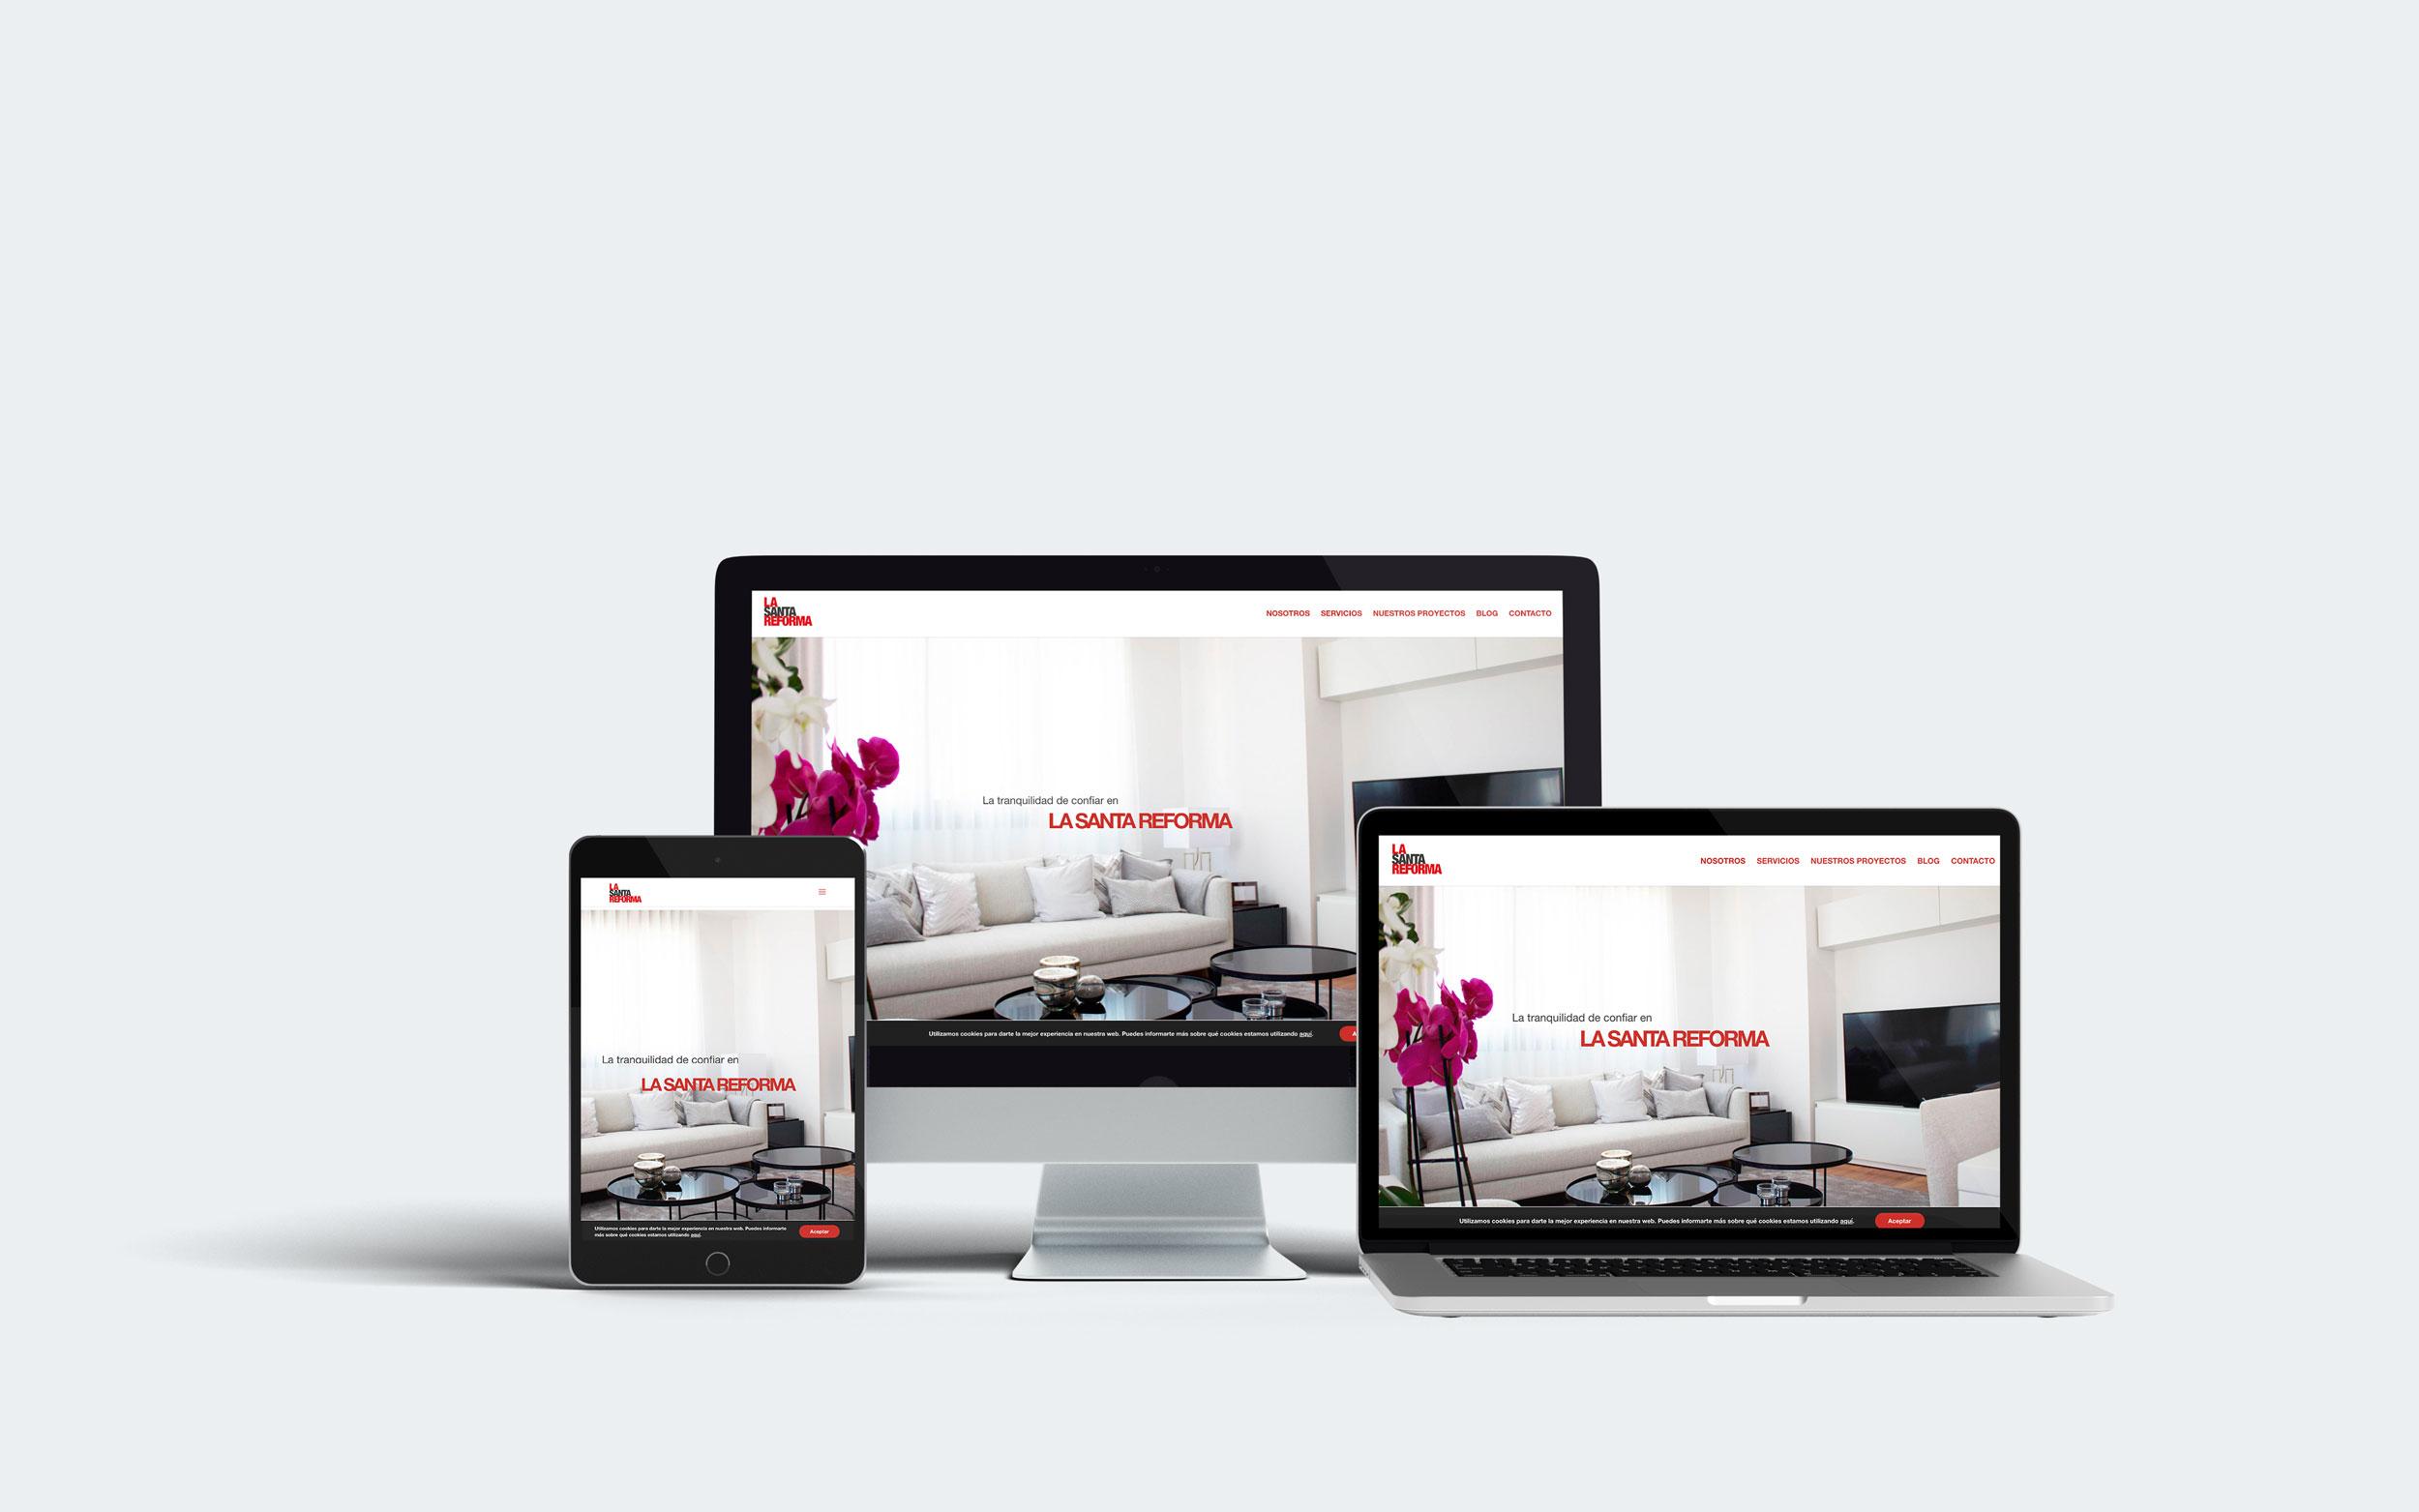 motiva-agencia-comunicacion_online_web-corporativa_la-santa-reforma